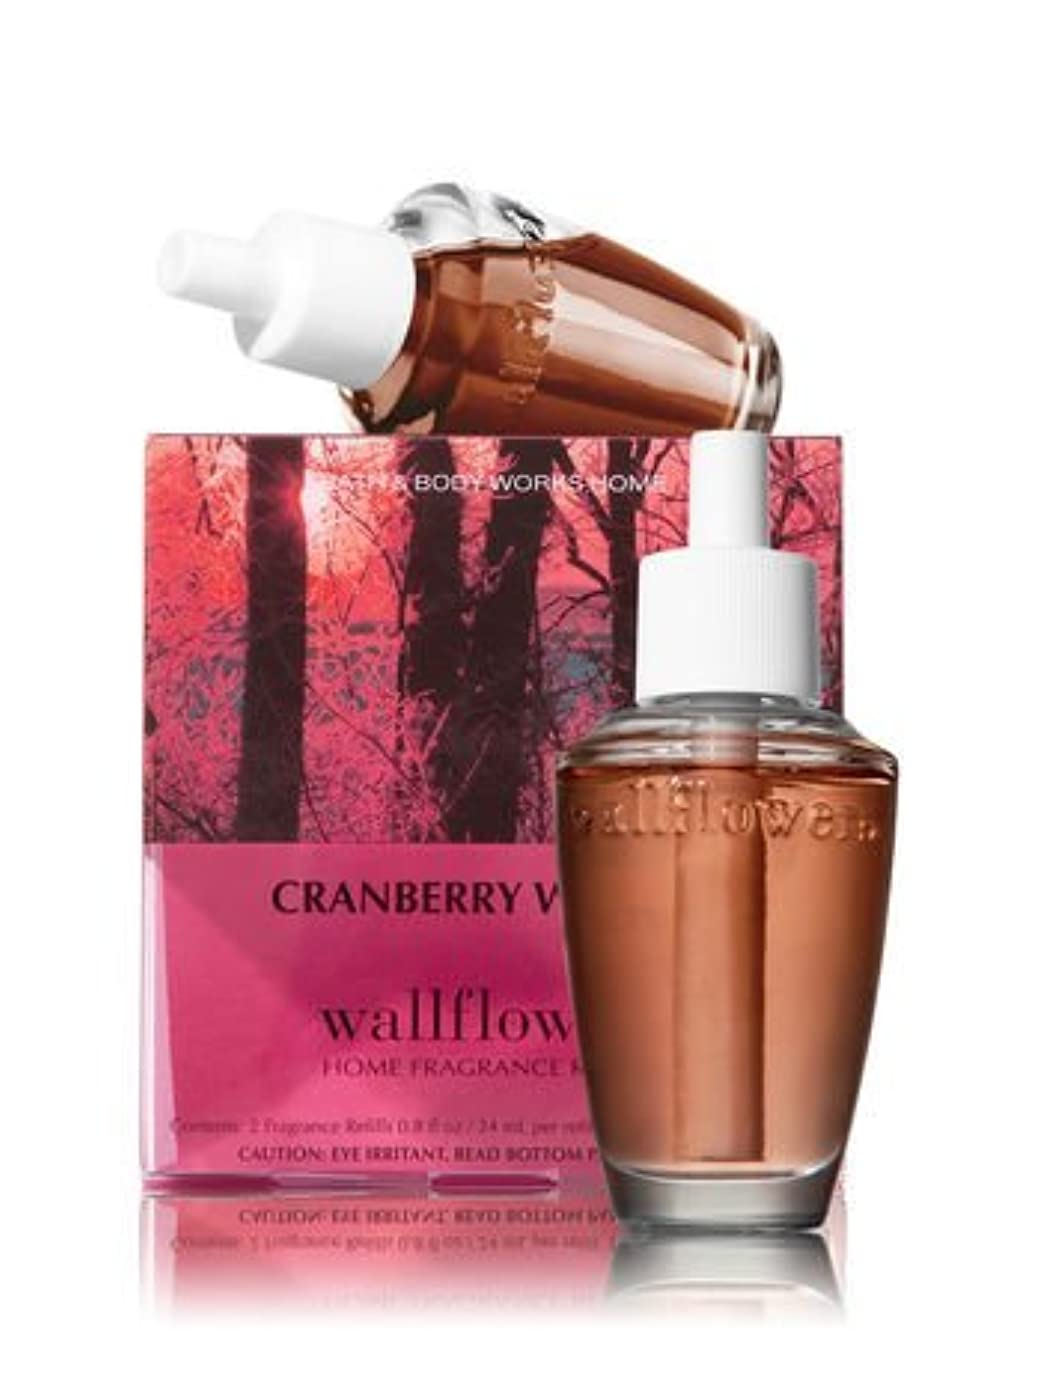 シュガー骨折説教する【Bath&Body Works/バス&ボディワークス】 ルームフレグランス 詰替えリフィル(2個入り) クランベリーウッズ Wallflowers Home Fragrance 2-Pack Refills Cranberry Woods [並行輸入品]